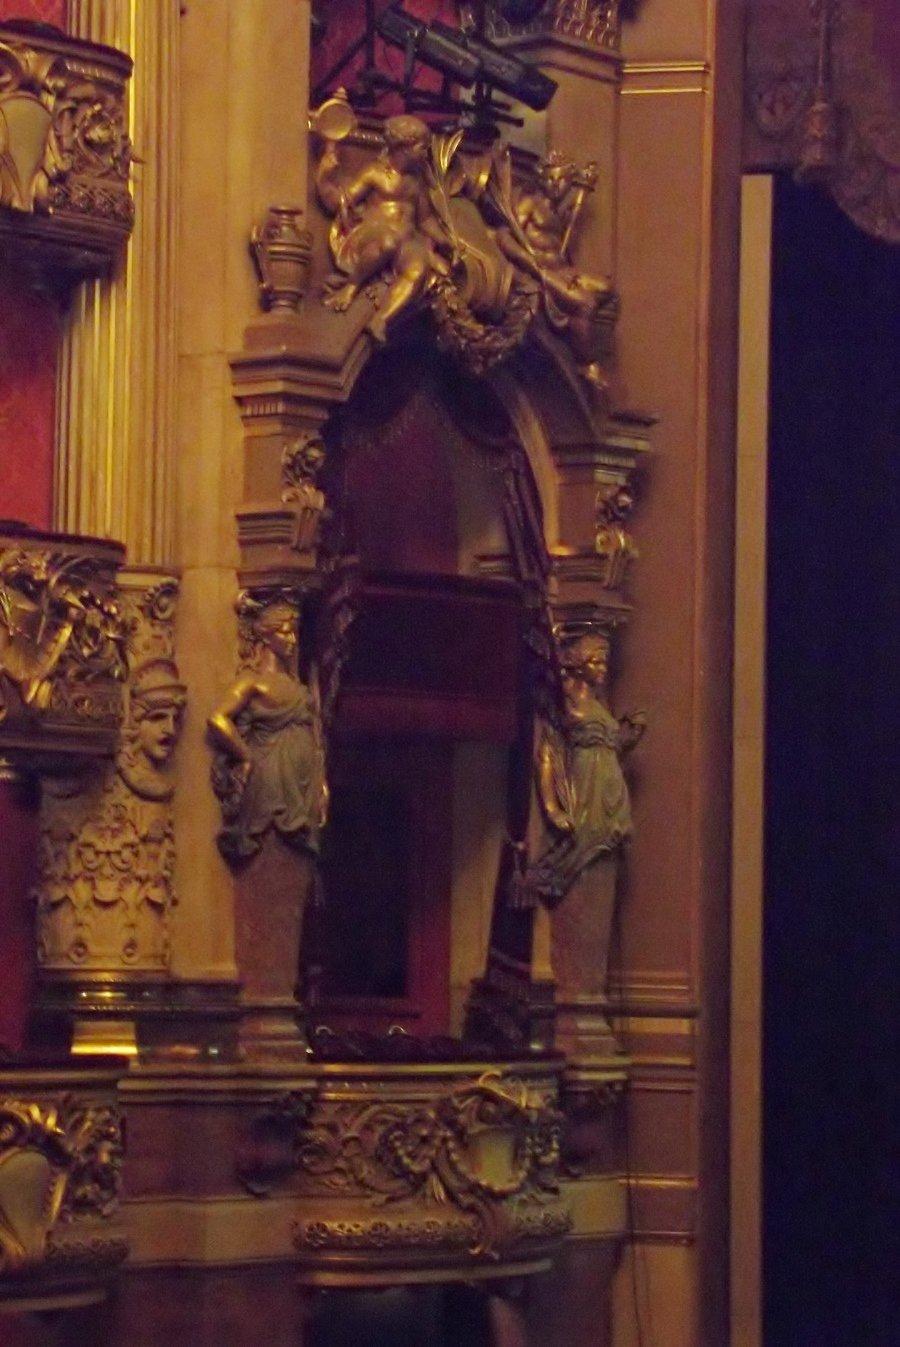 loge entre-colonne 2